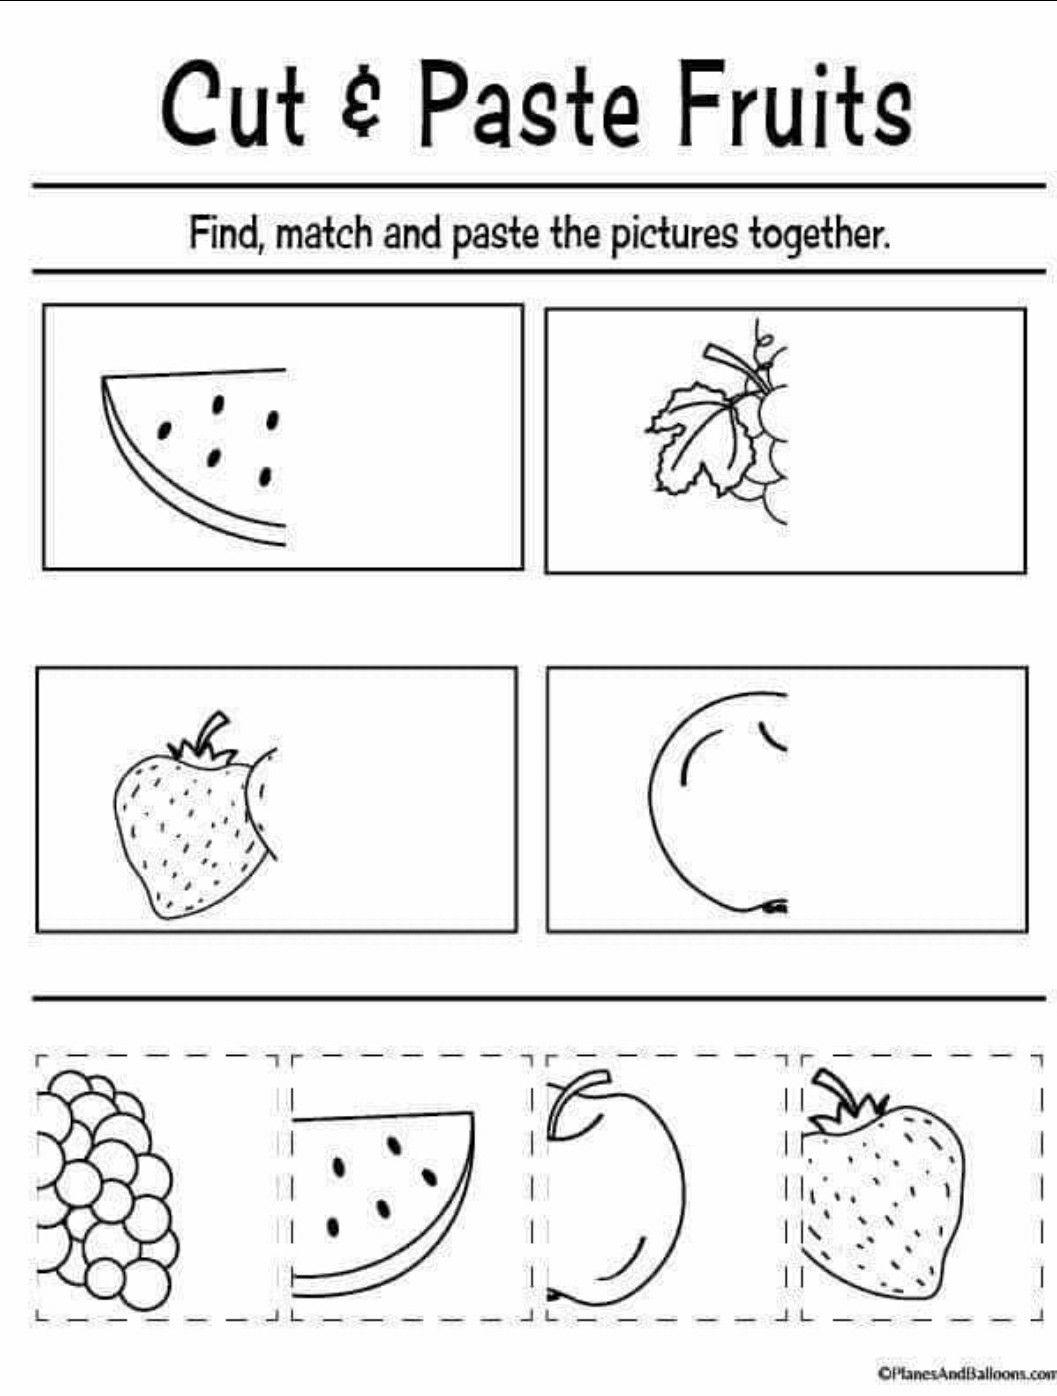 Pin By Heather Tilke On Preschool Activities In 2020 Free Preschool Printables Free Preschool Worksheets Tracing Worksheets Preschool